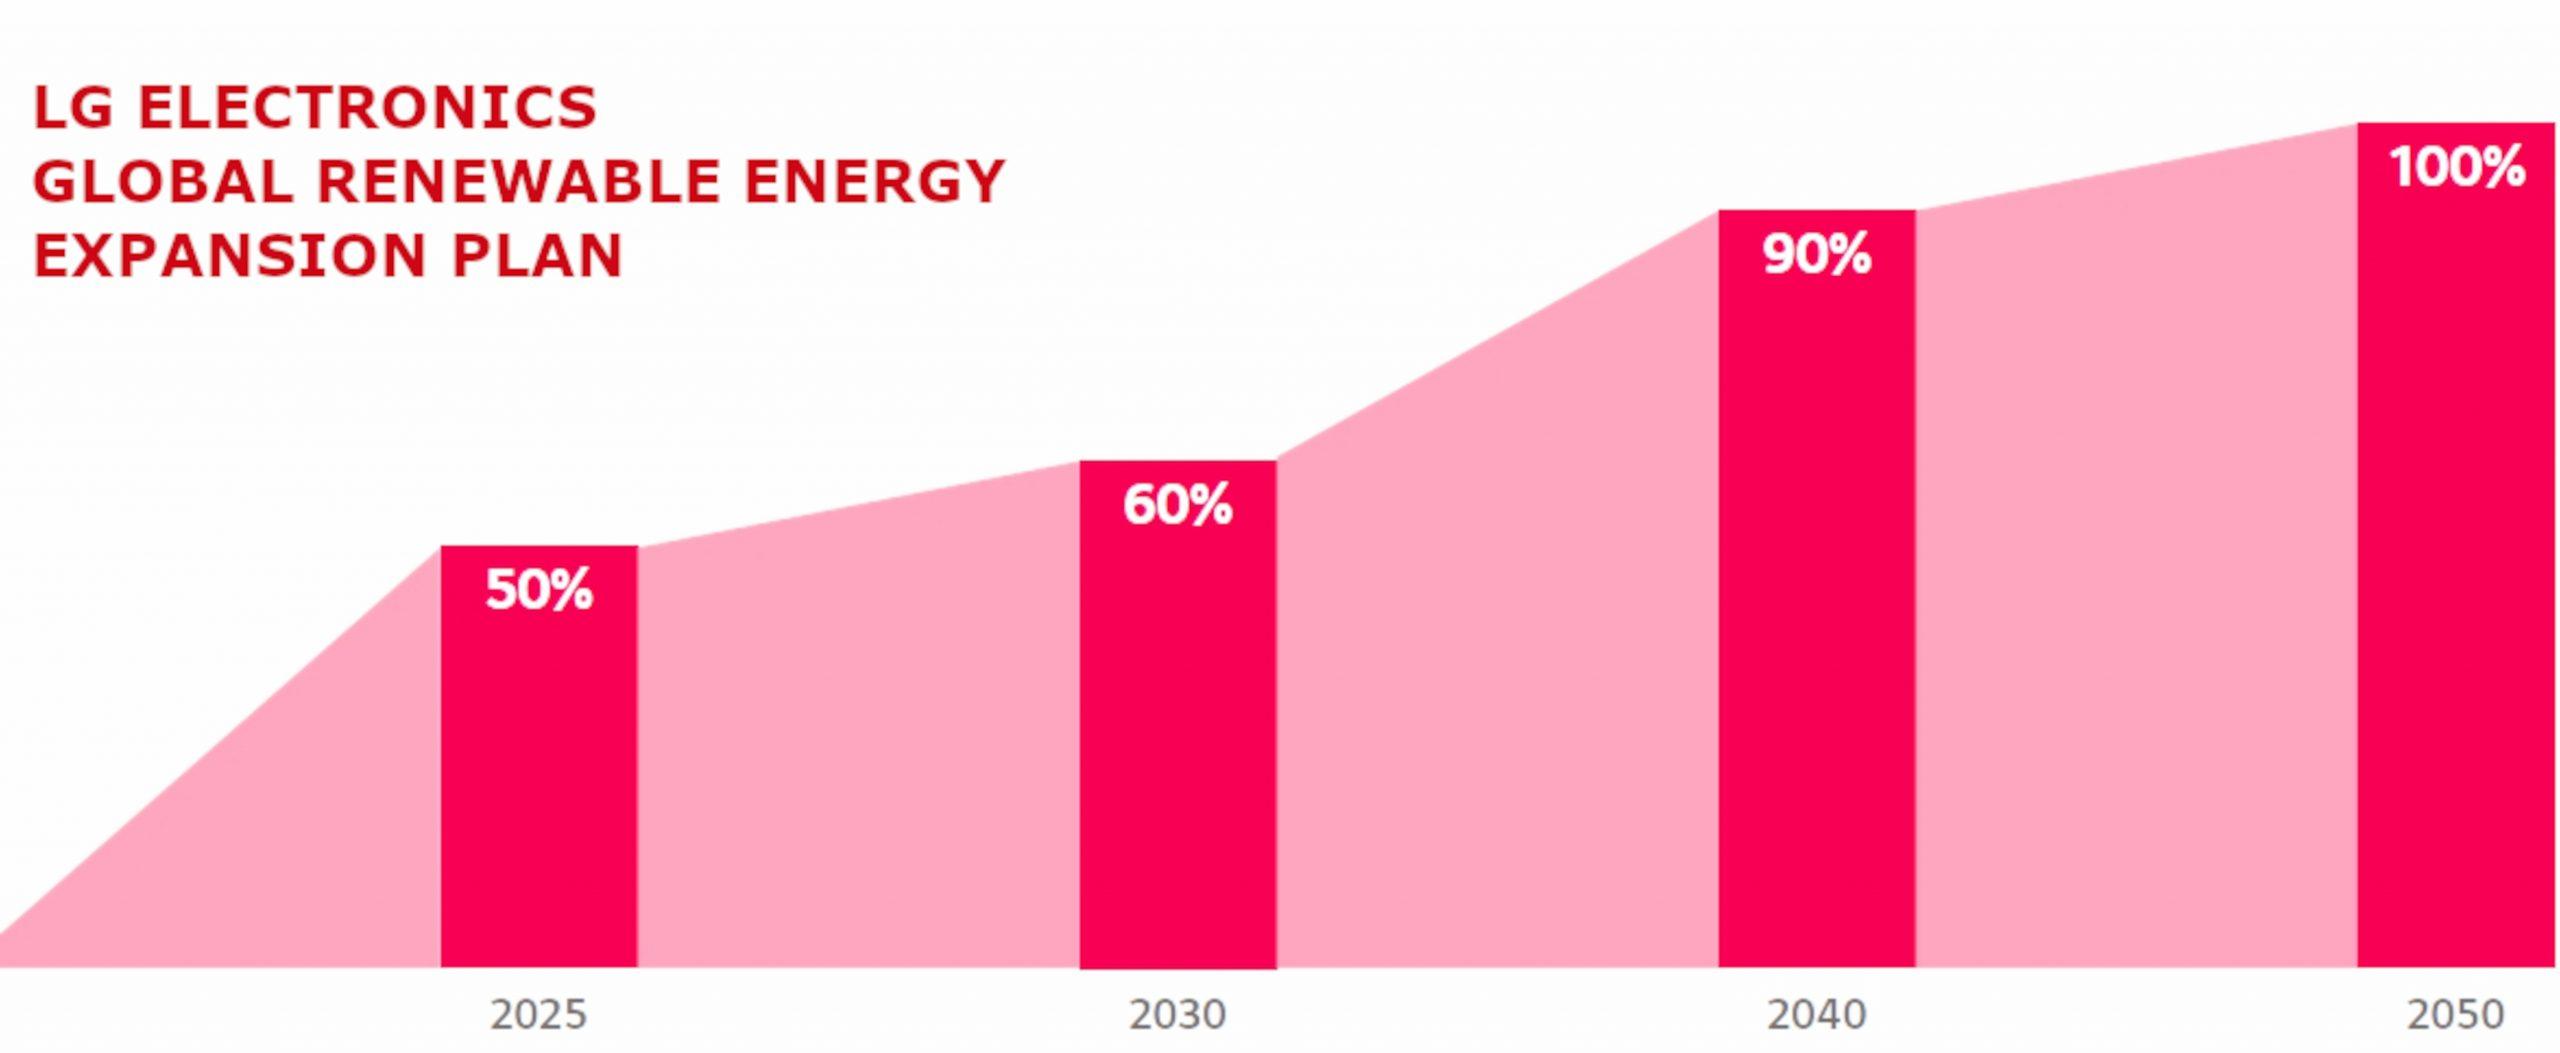 LG PROMETE TRANSICIÓN  DE ENERGÍA RENOVABLE AL 100% PARA 2050